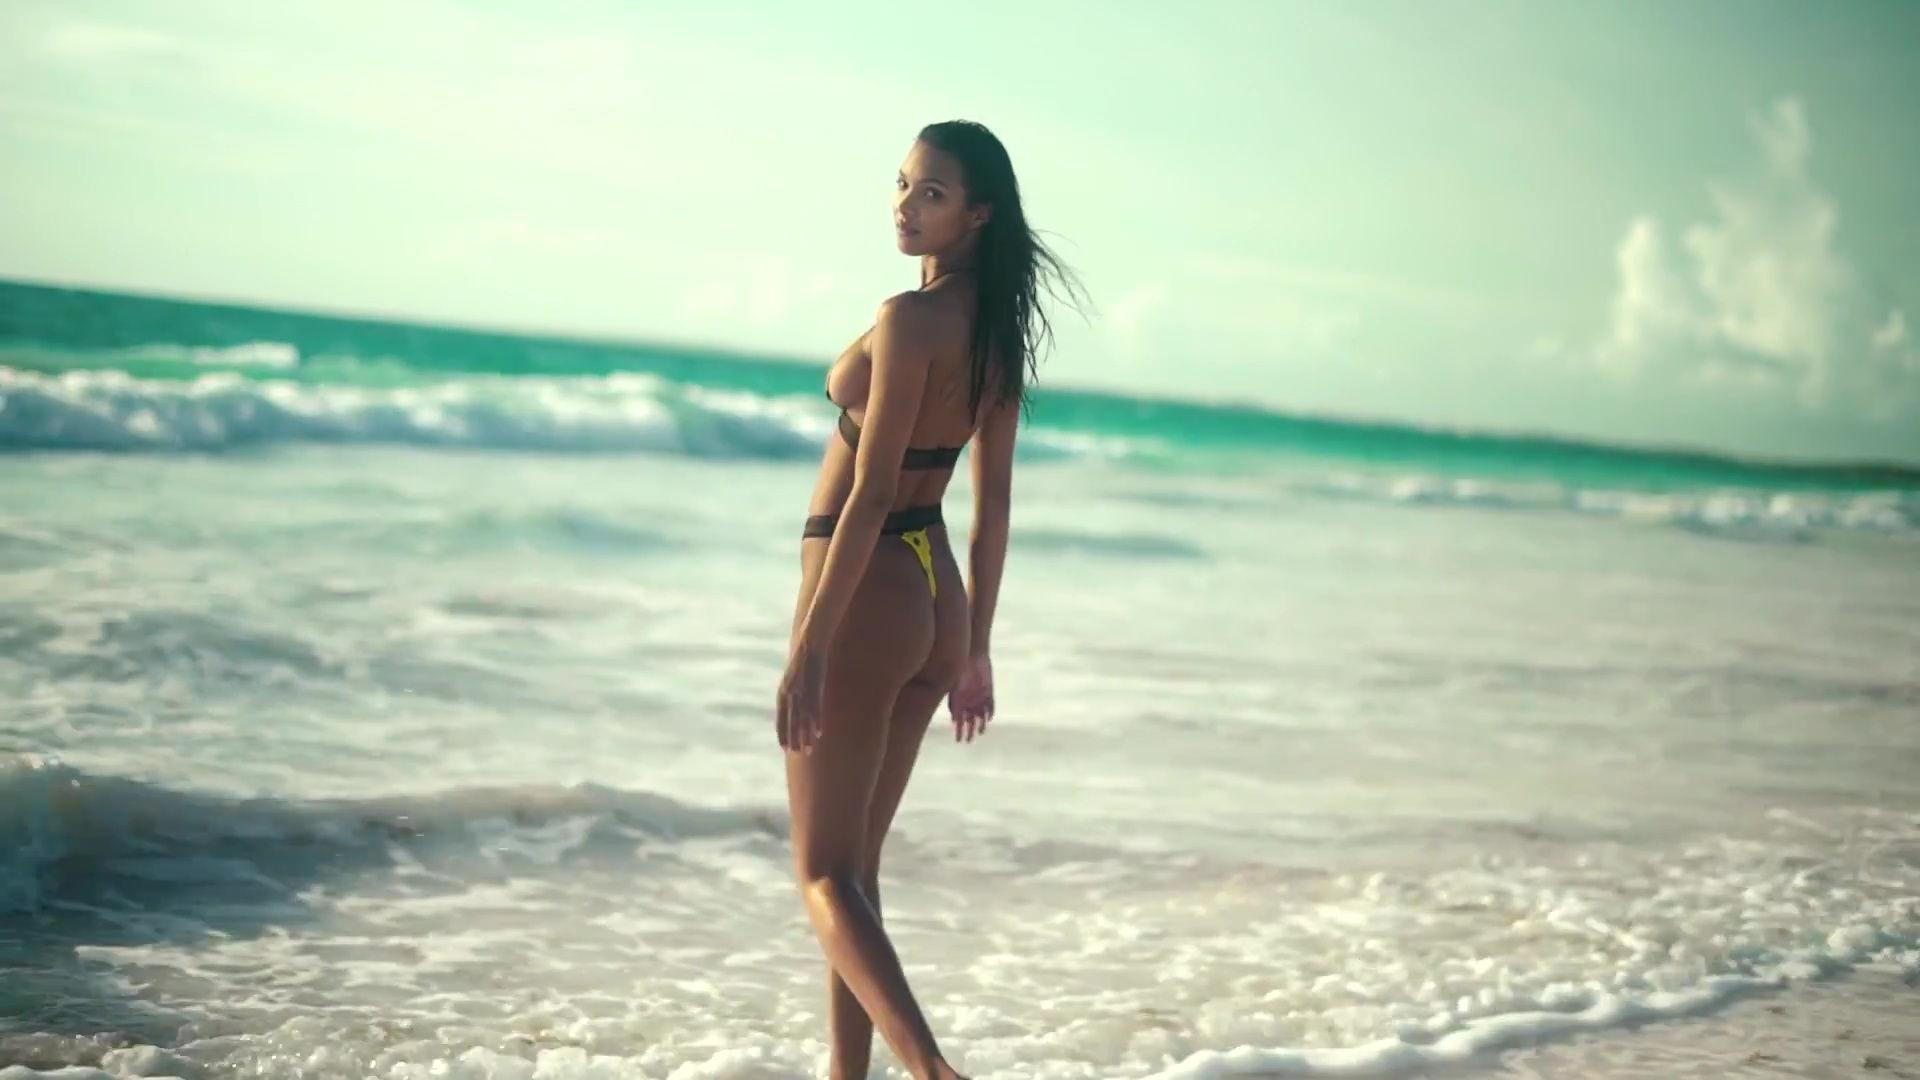 0919045630832_33_Lais-Ribeiro-Sexy-TheFappeningBlog.com-34.jpg